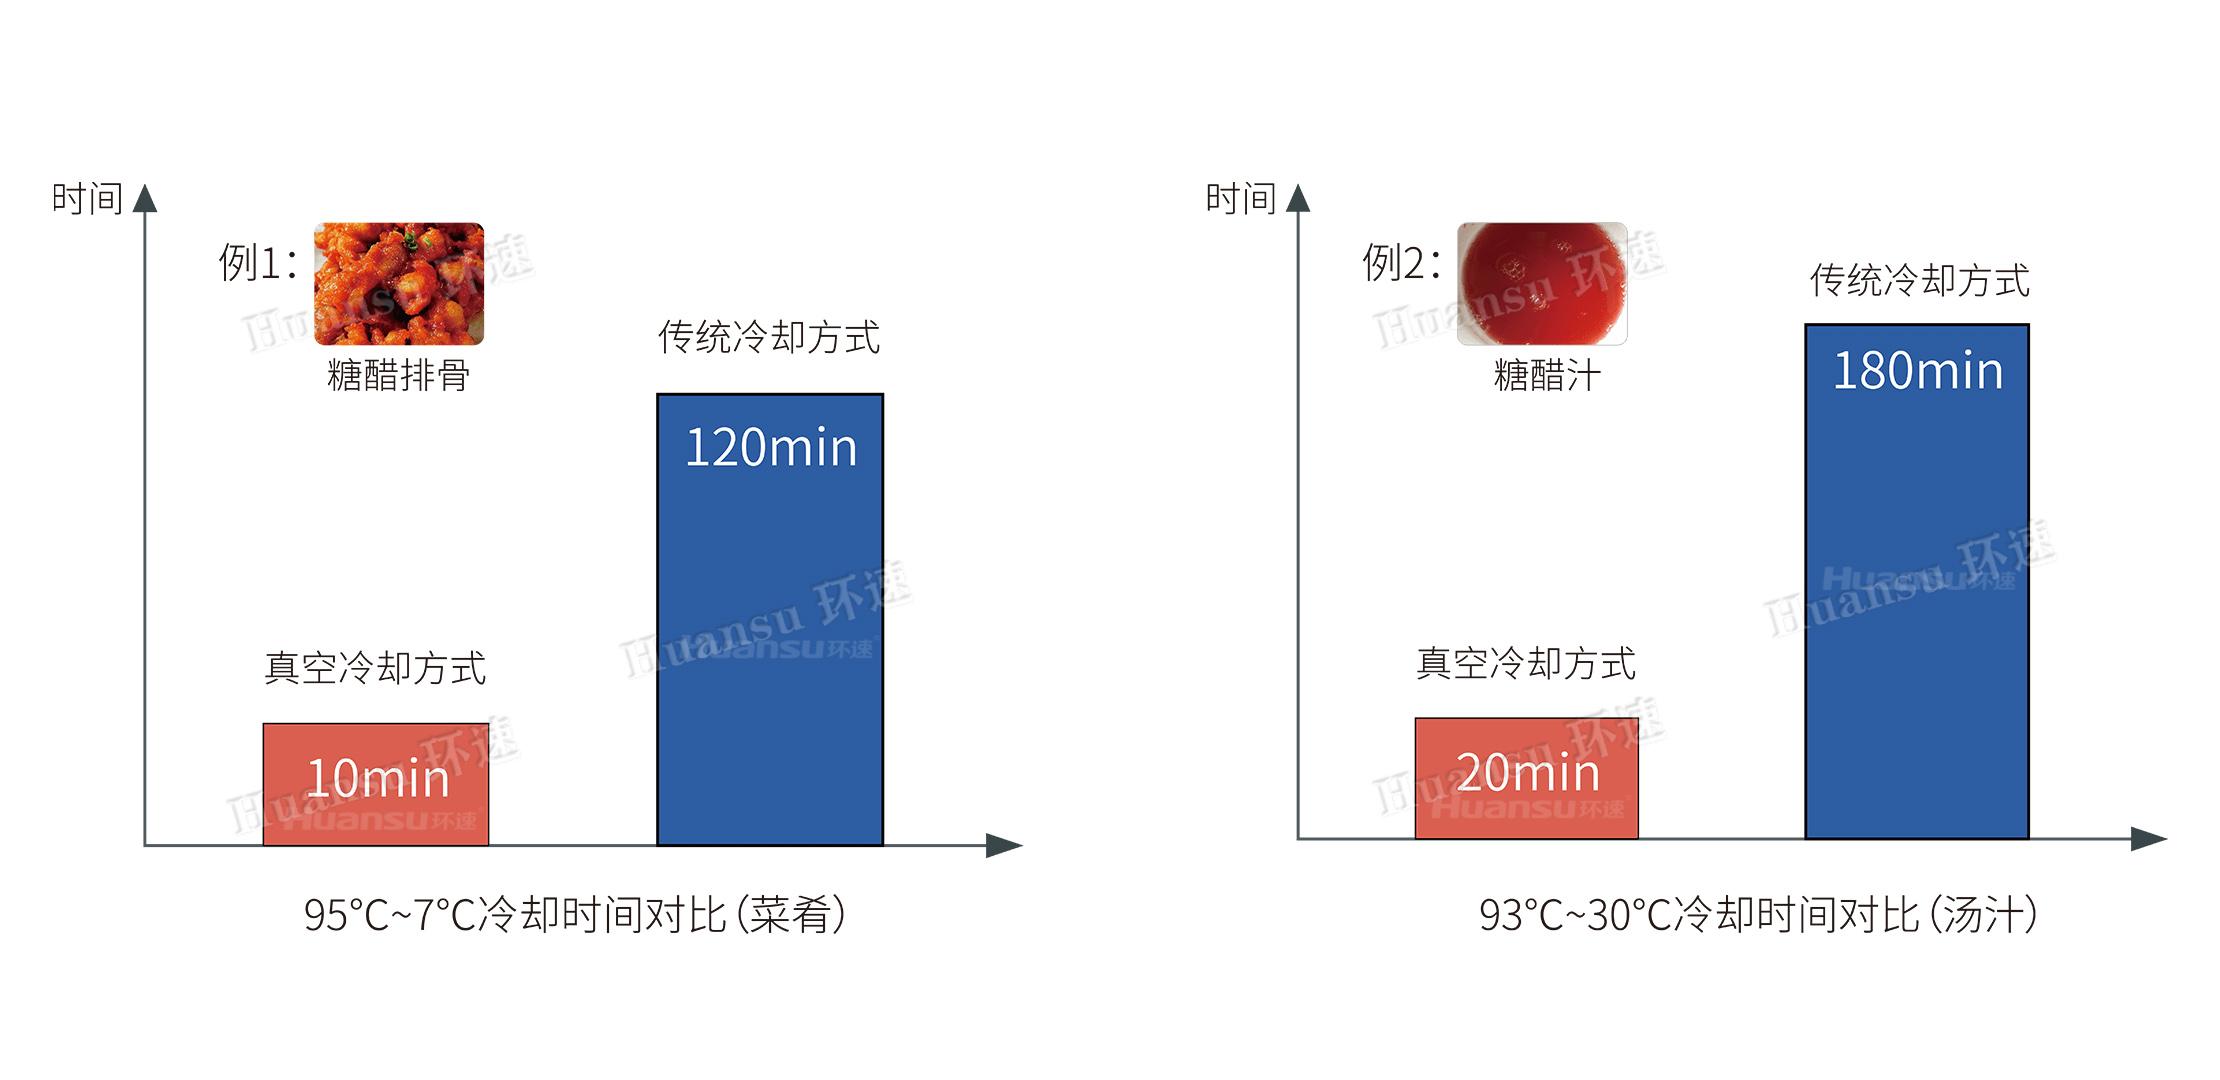 鲜食冷却机5.0代菜肴系列ZKL-300CX